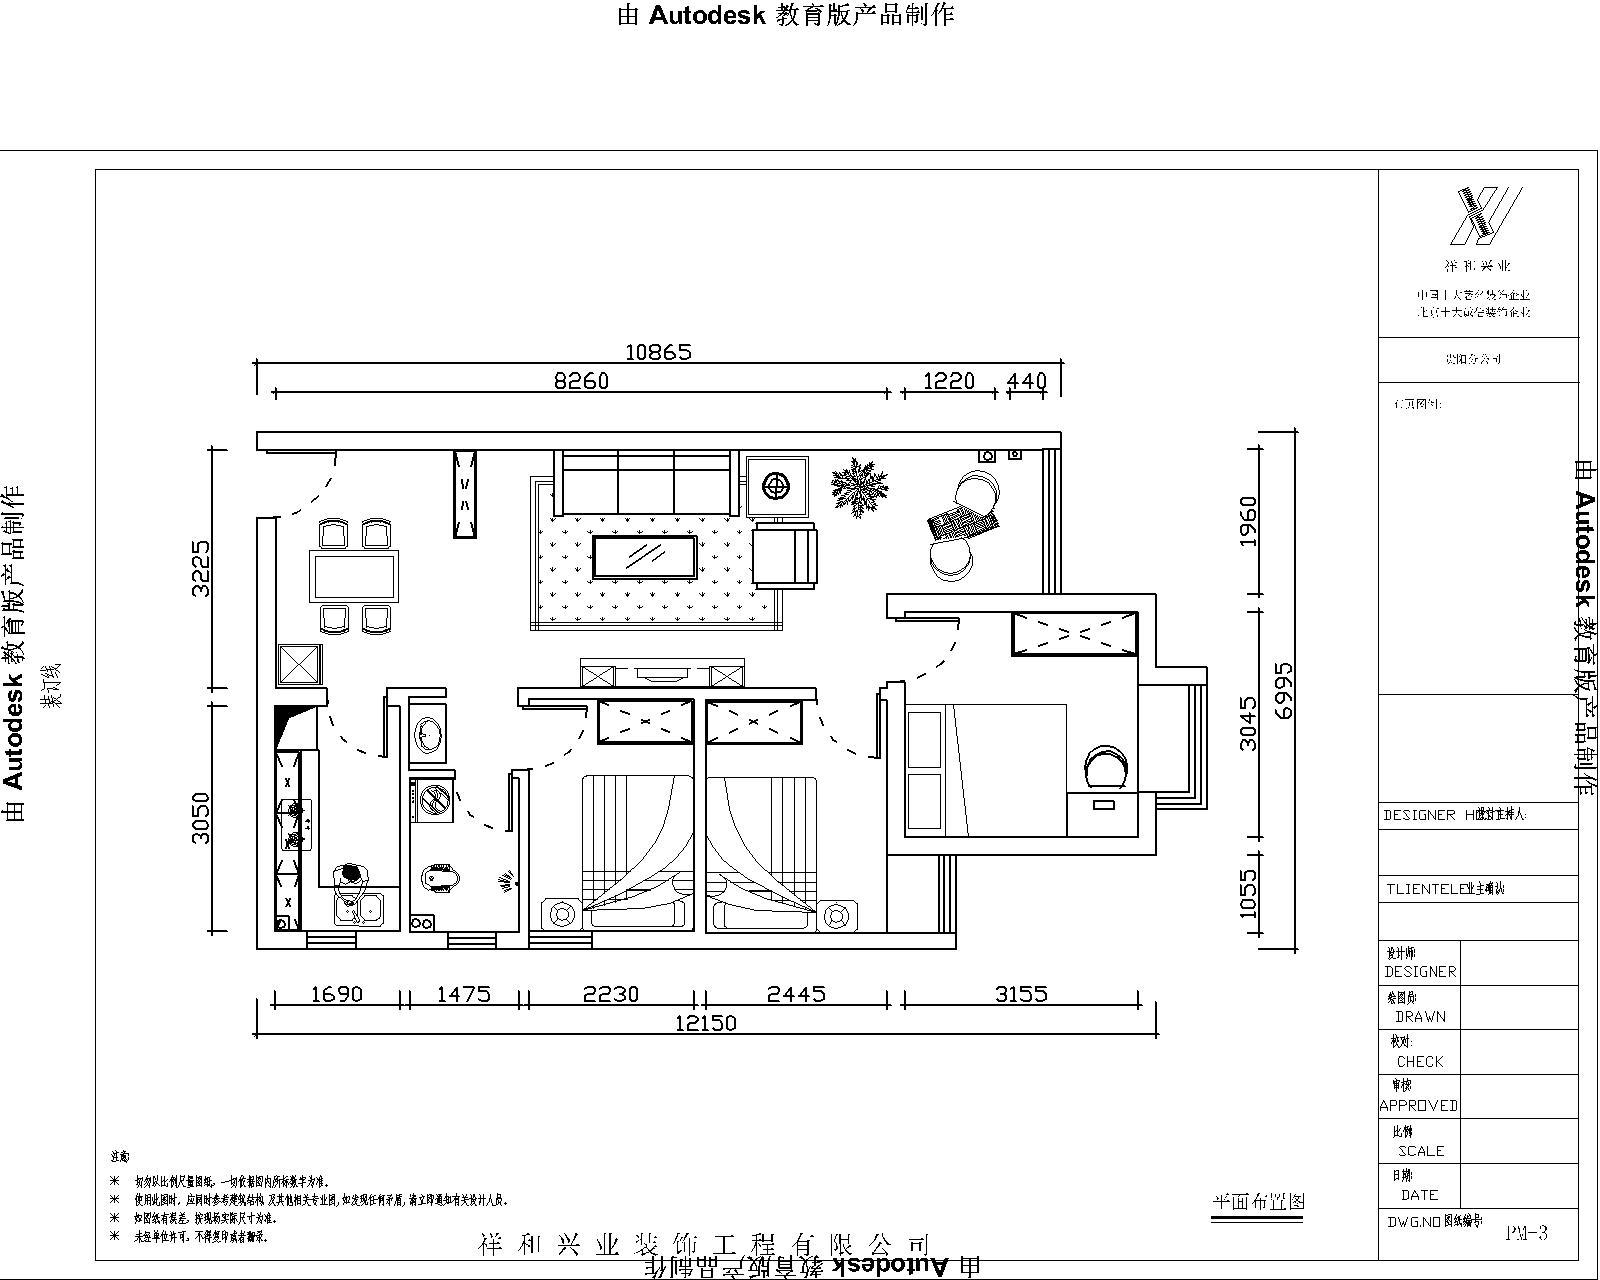 混搭 三居 80后 中式 户型图图片来自贵阳祥和装饰在【花果园】T1区10栋1单元1808号的分享